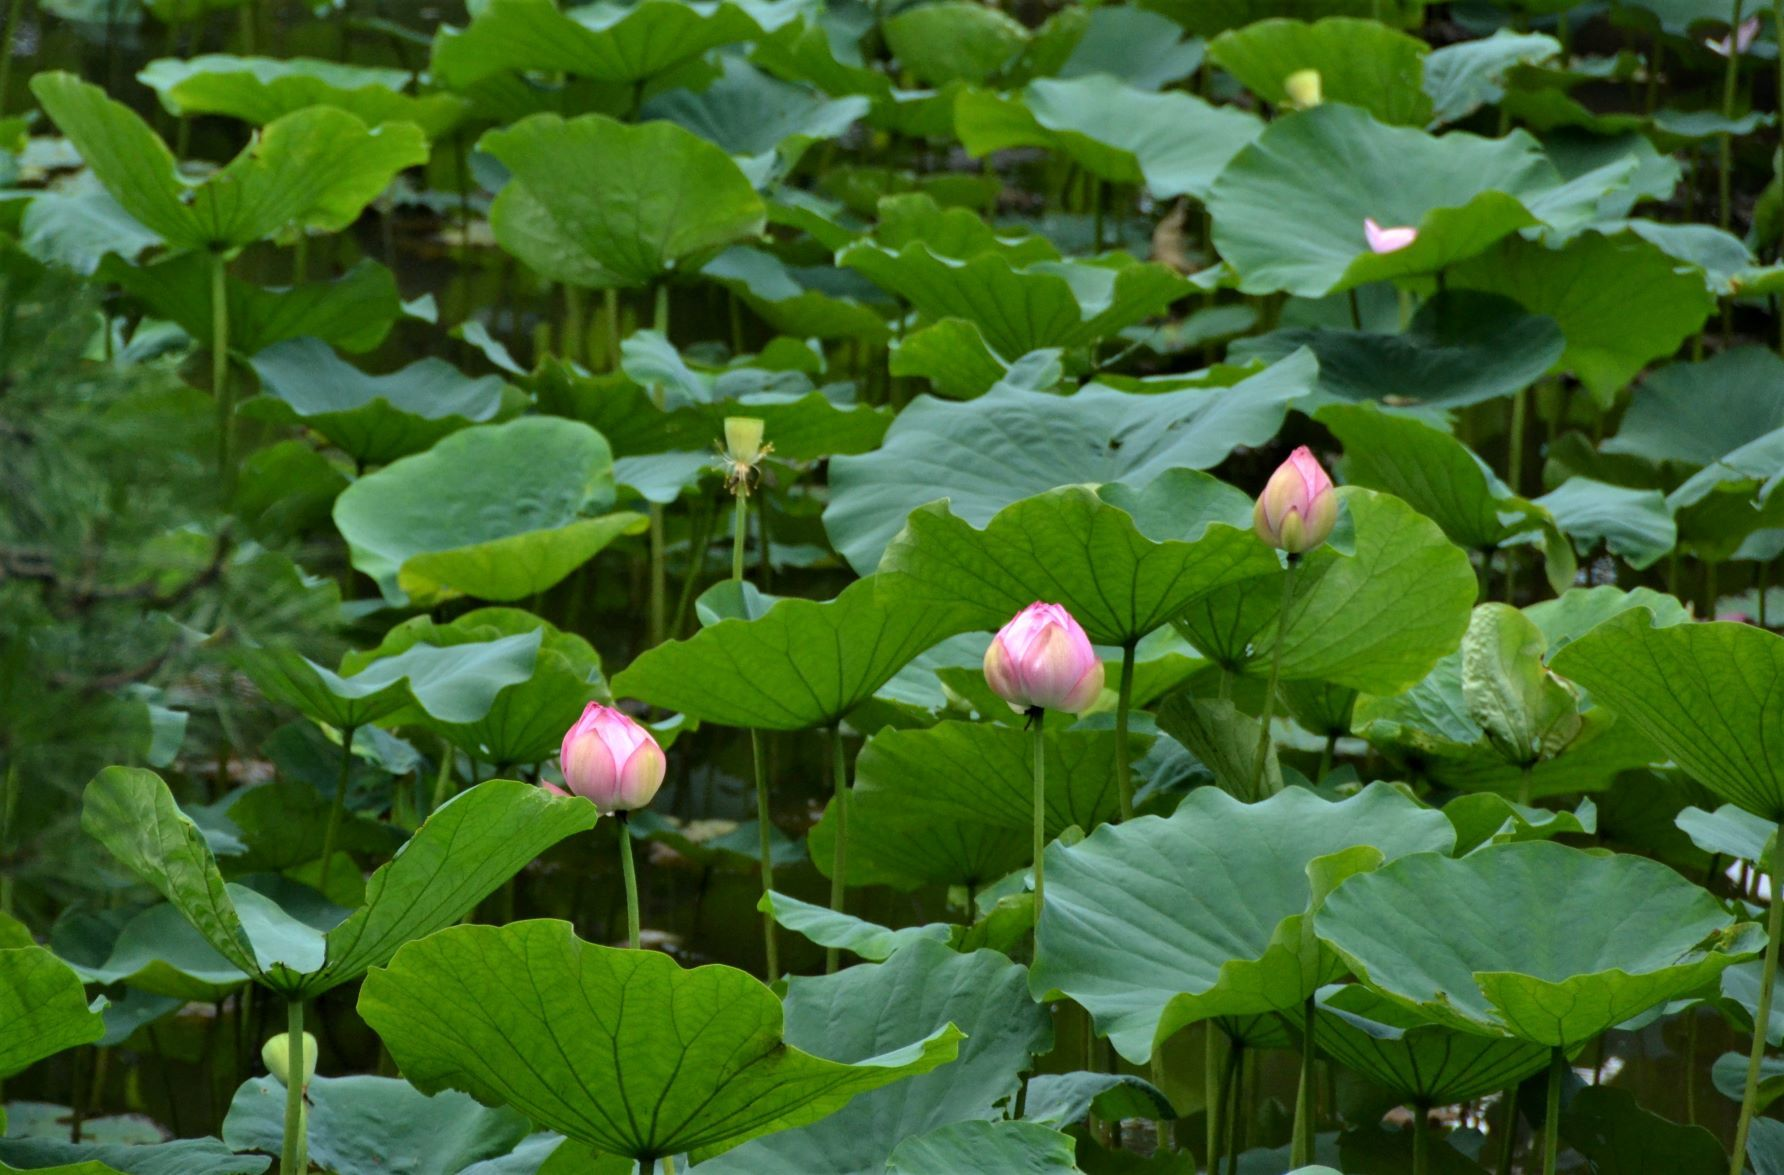 梅雨明けと同時に薬師池公園に・・・_a0053796_11325149.jpg